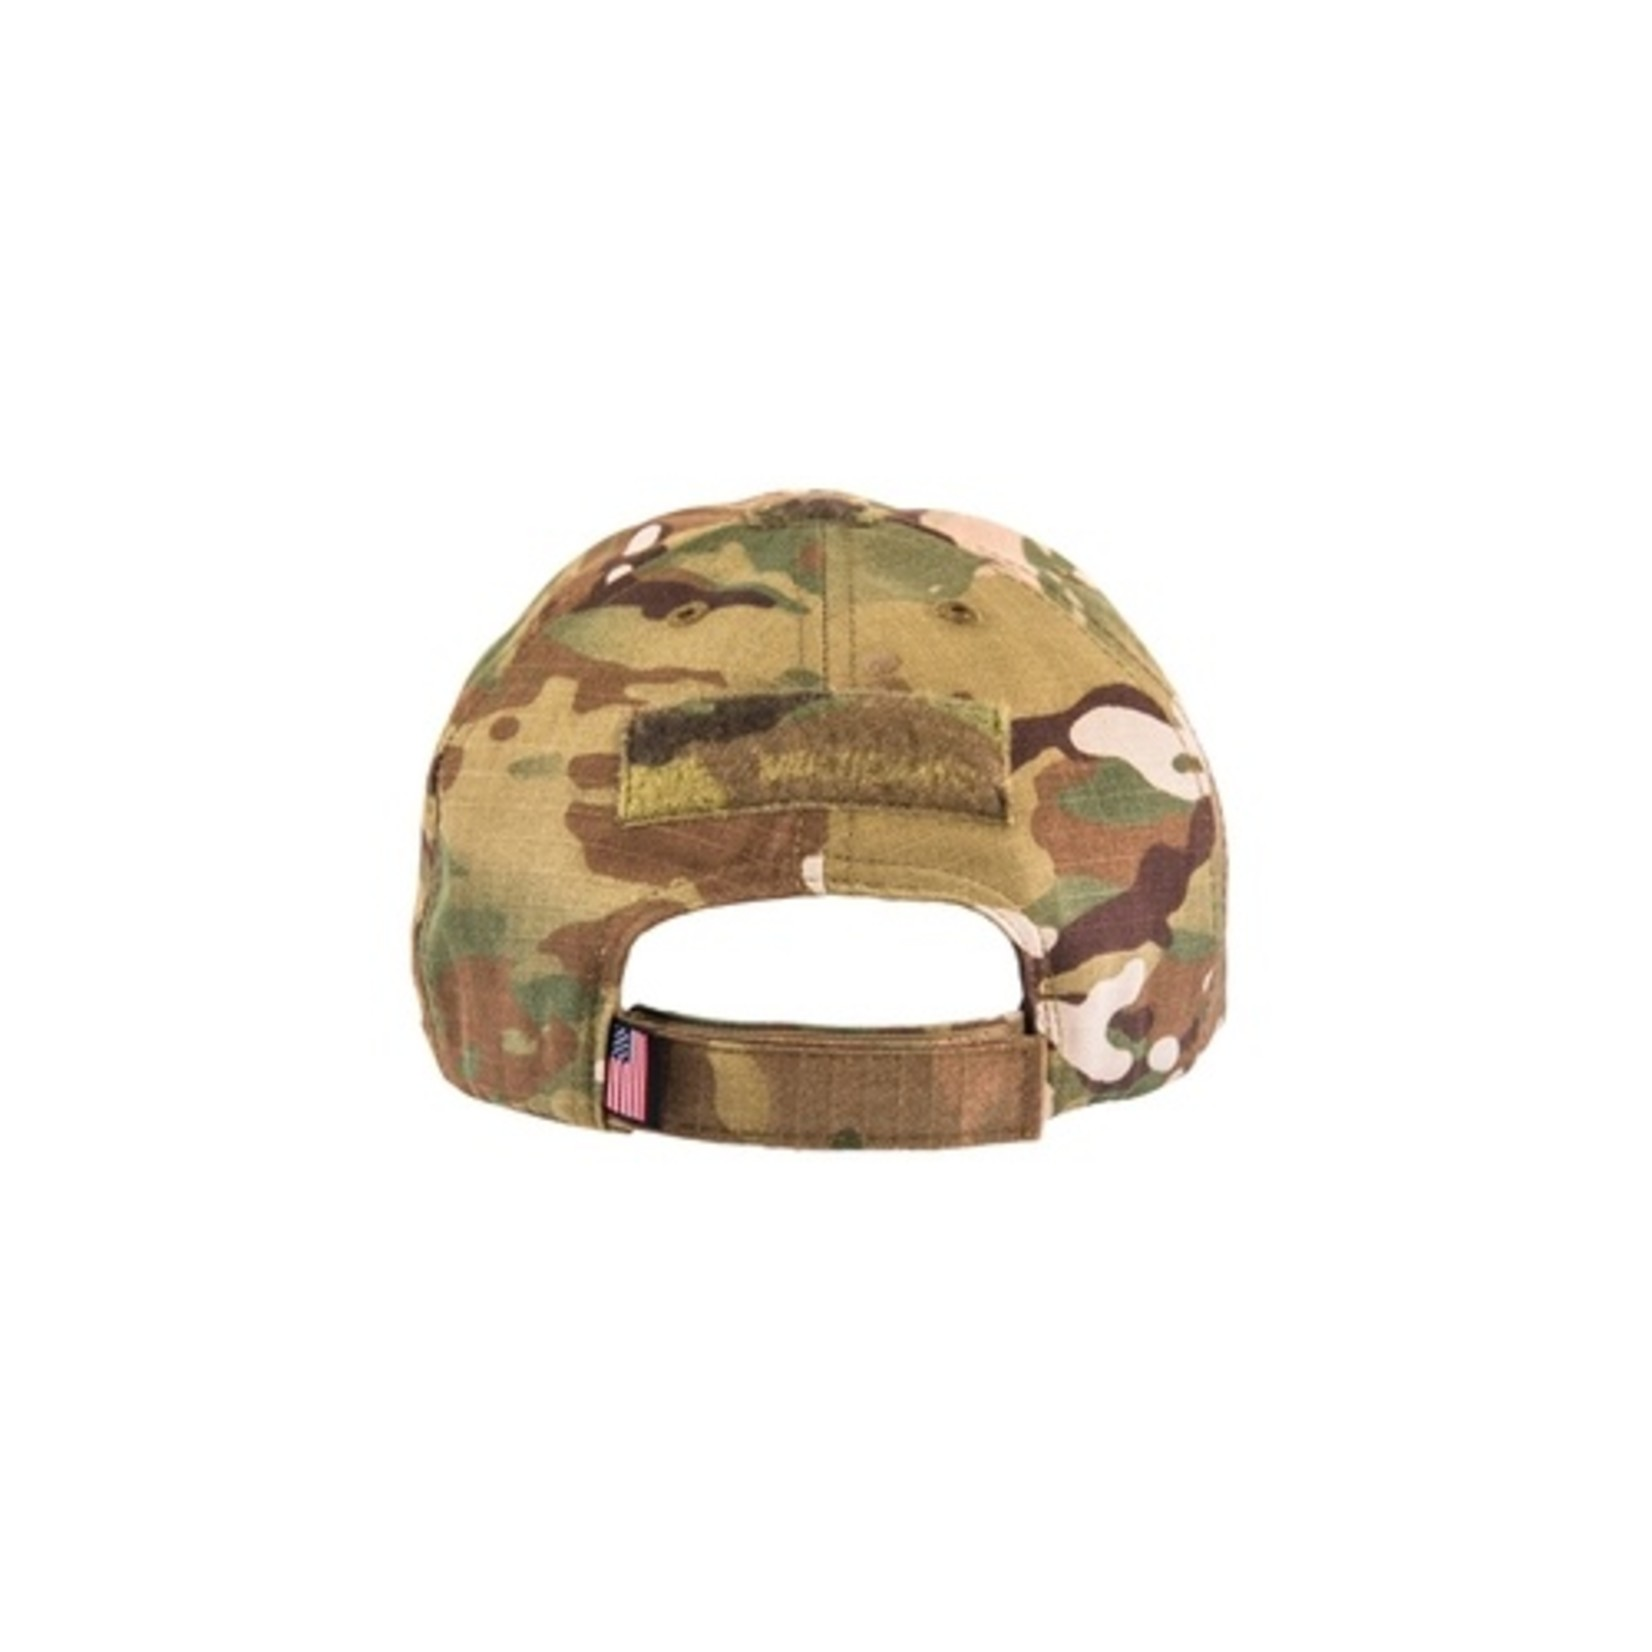 HIGH SPEED GEAR BASEBALL CAP